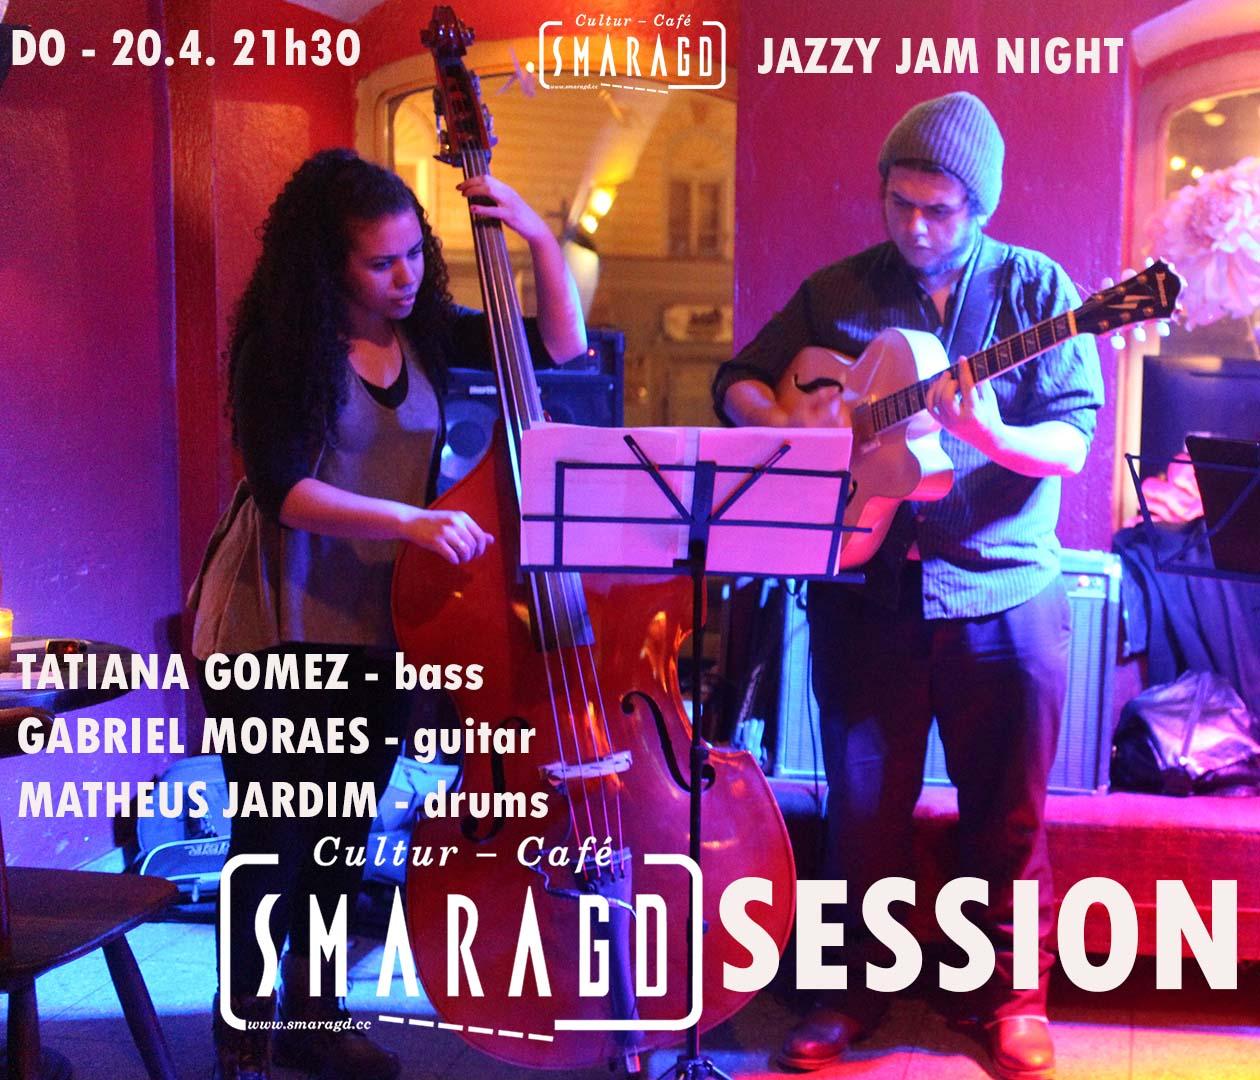 Cultur Cafe Smaragd Linz-Event-Jazzy Jam Night